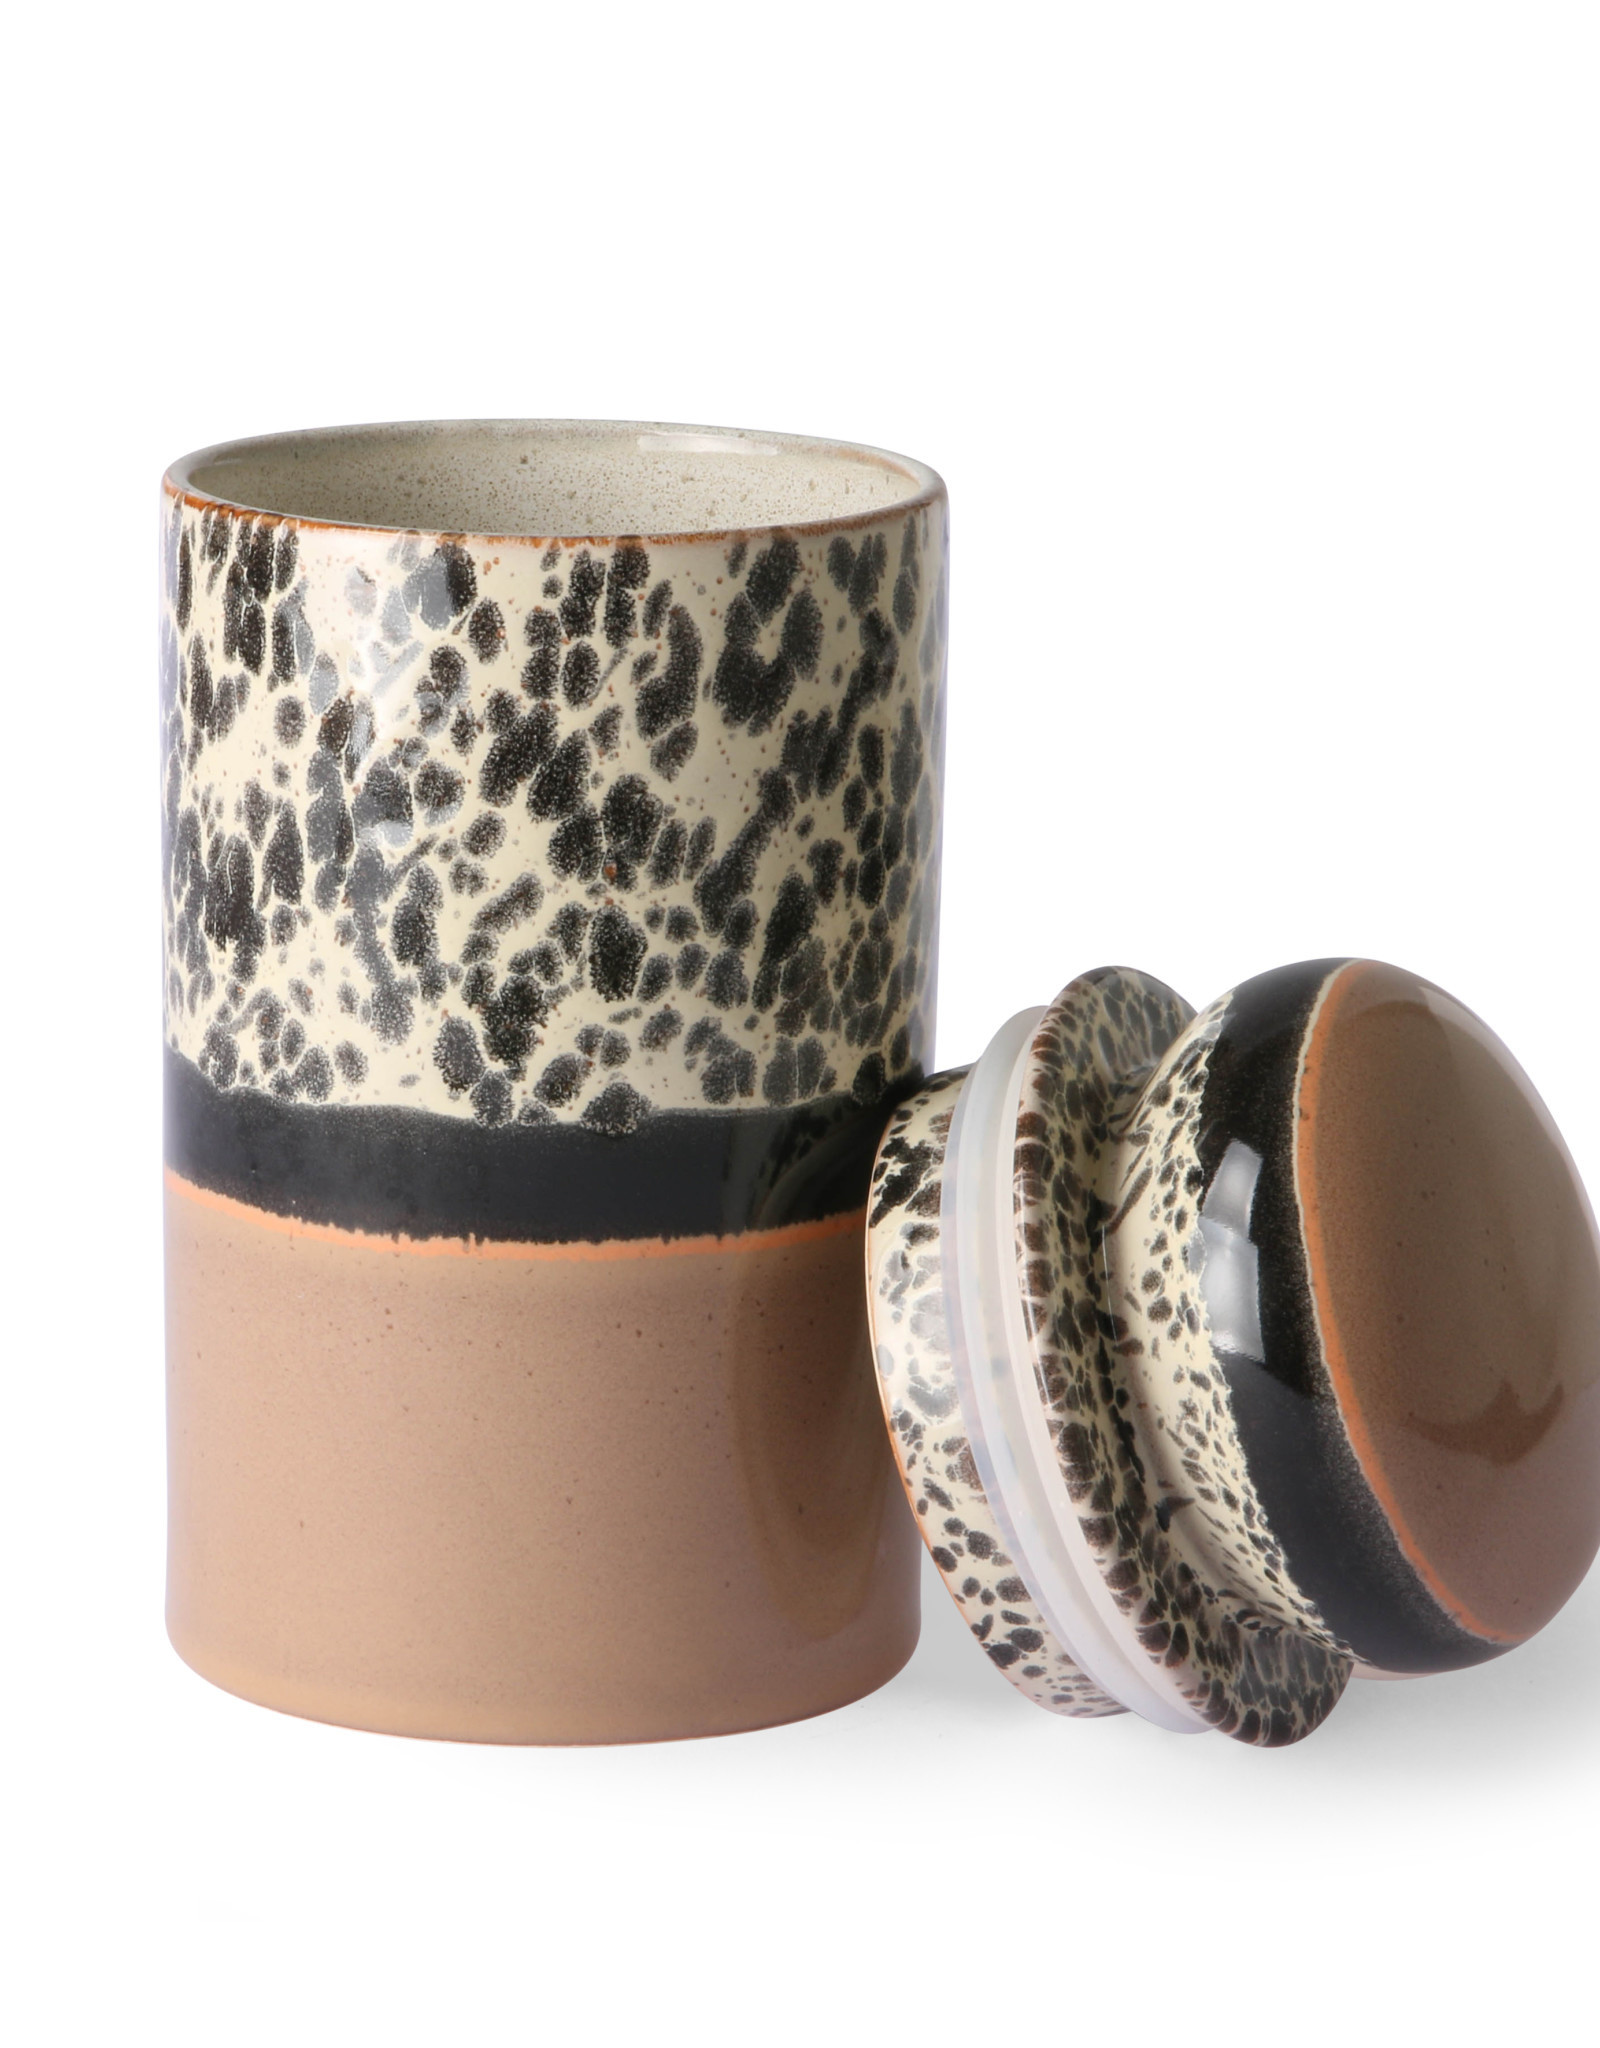 HKliving HKliving 70's Ceramics Storage Jar Tropical